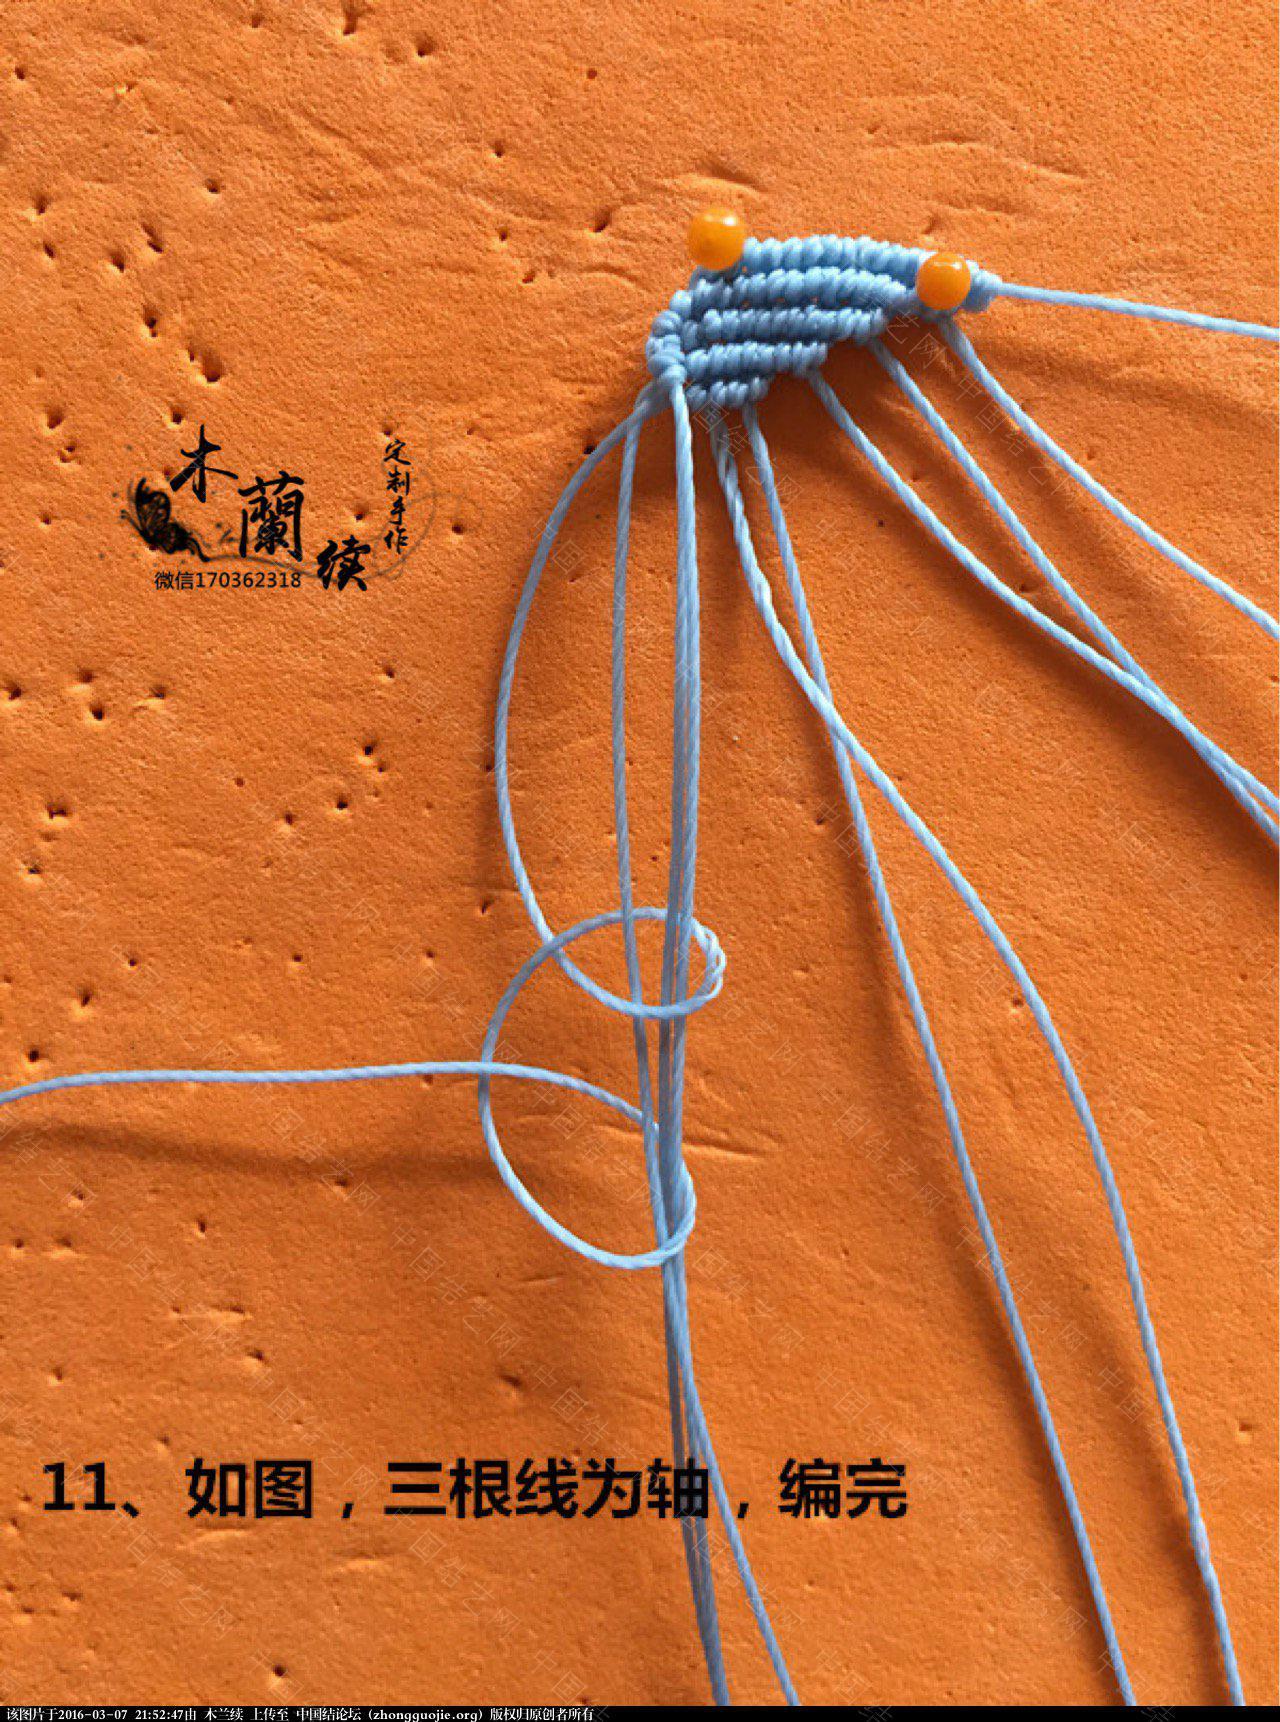 中国结论坛 【木兰续】萌萌的海星挂件! 木兰 图文教程区 214836ufddltmv4dsssbrz